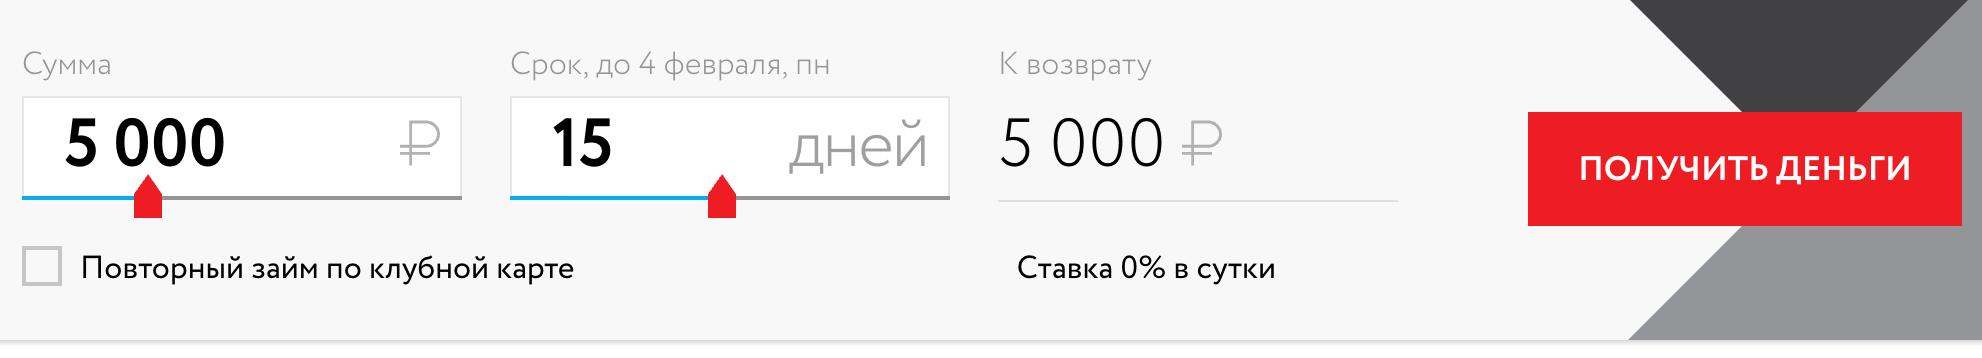 zaimyrf-zayavka.png